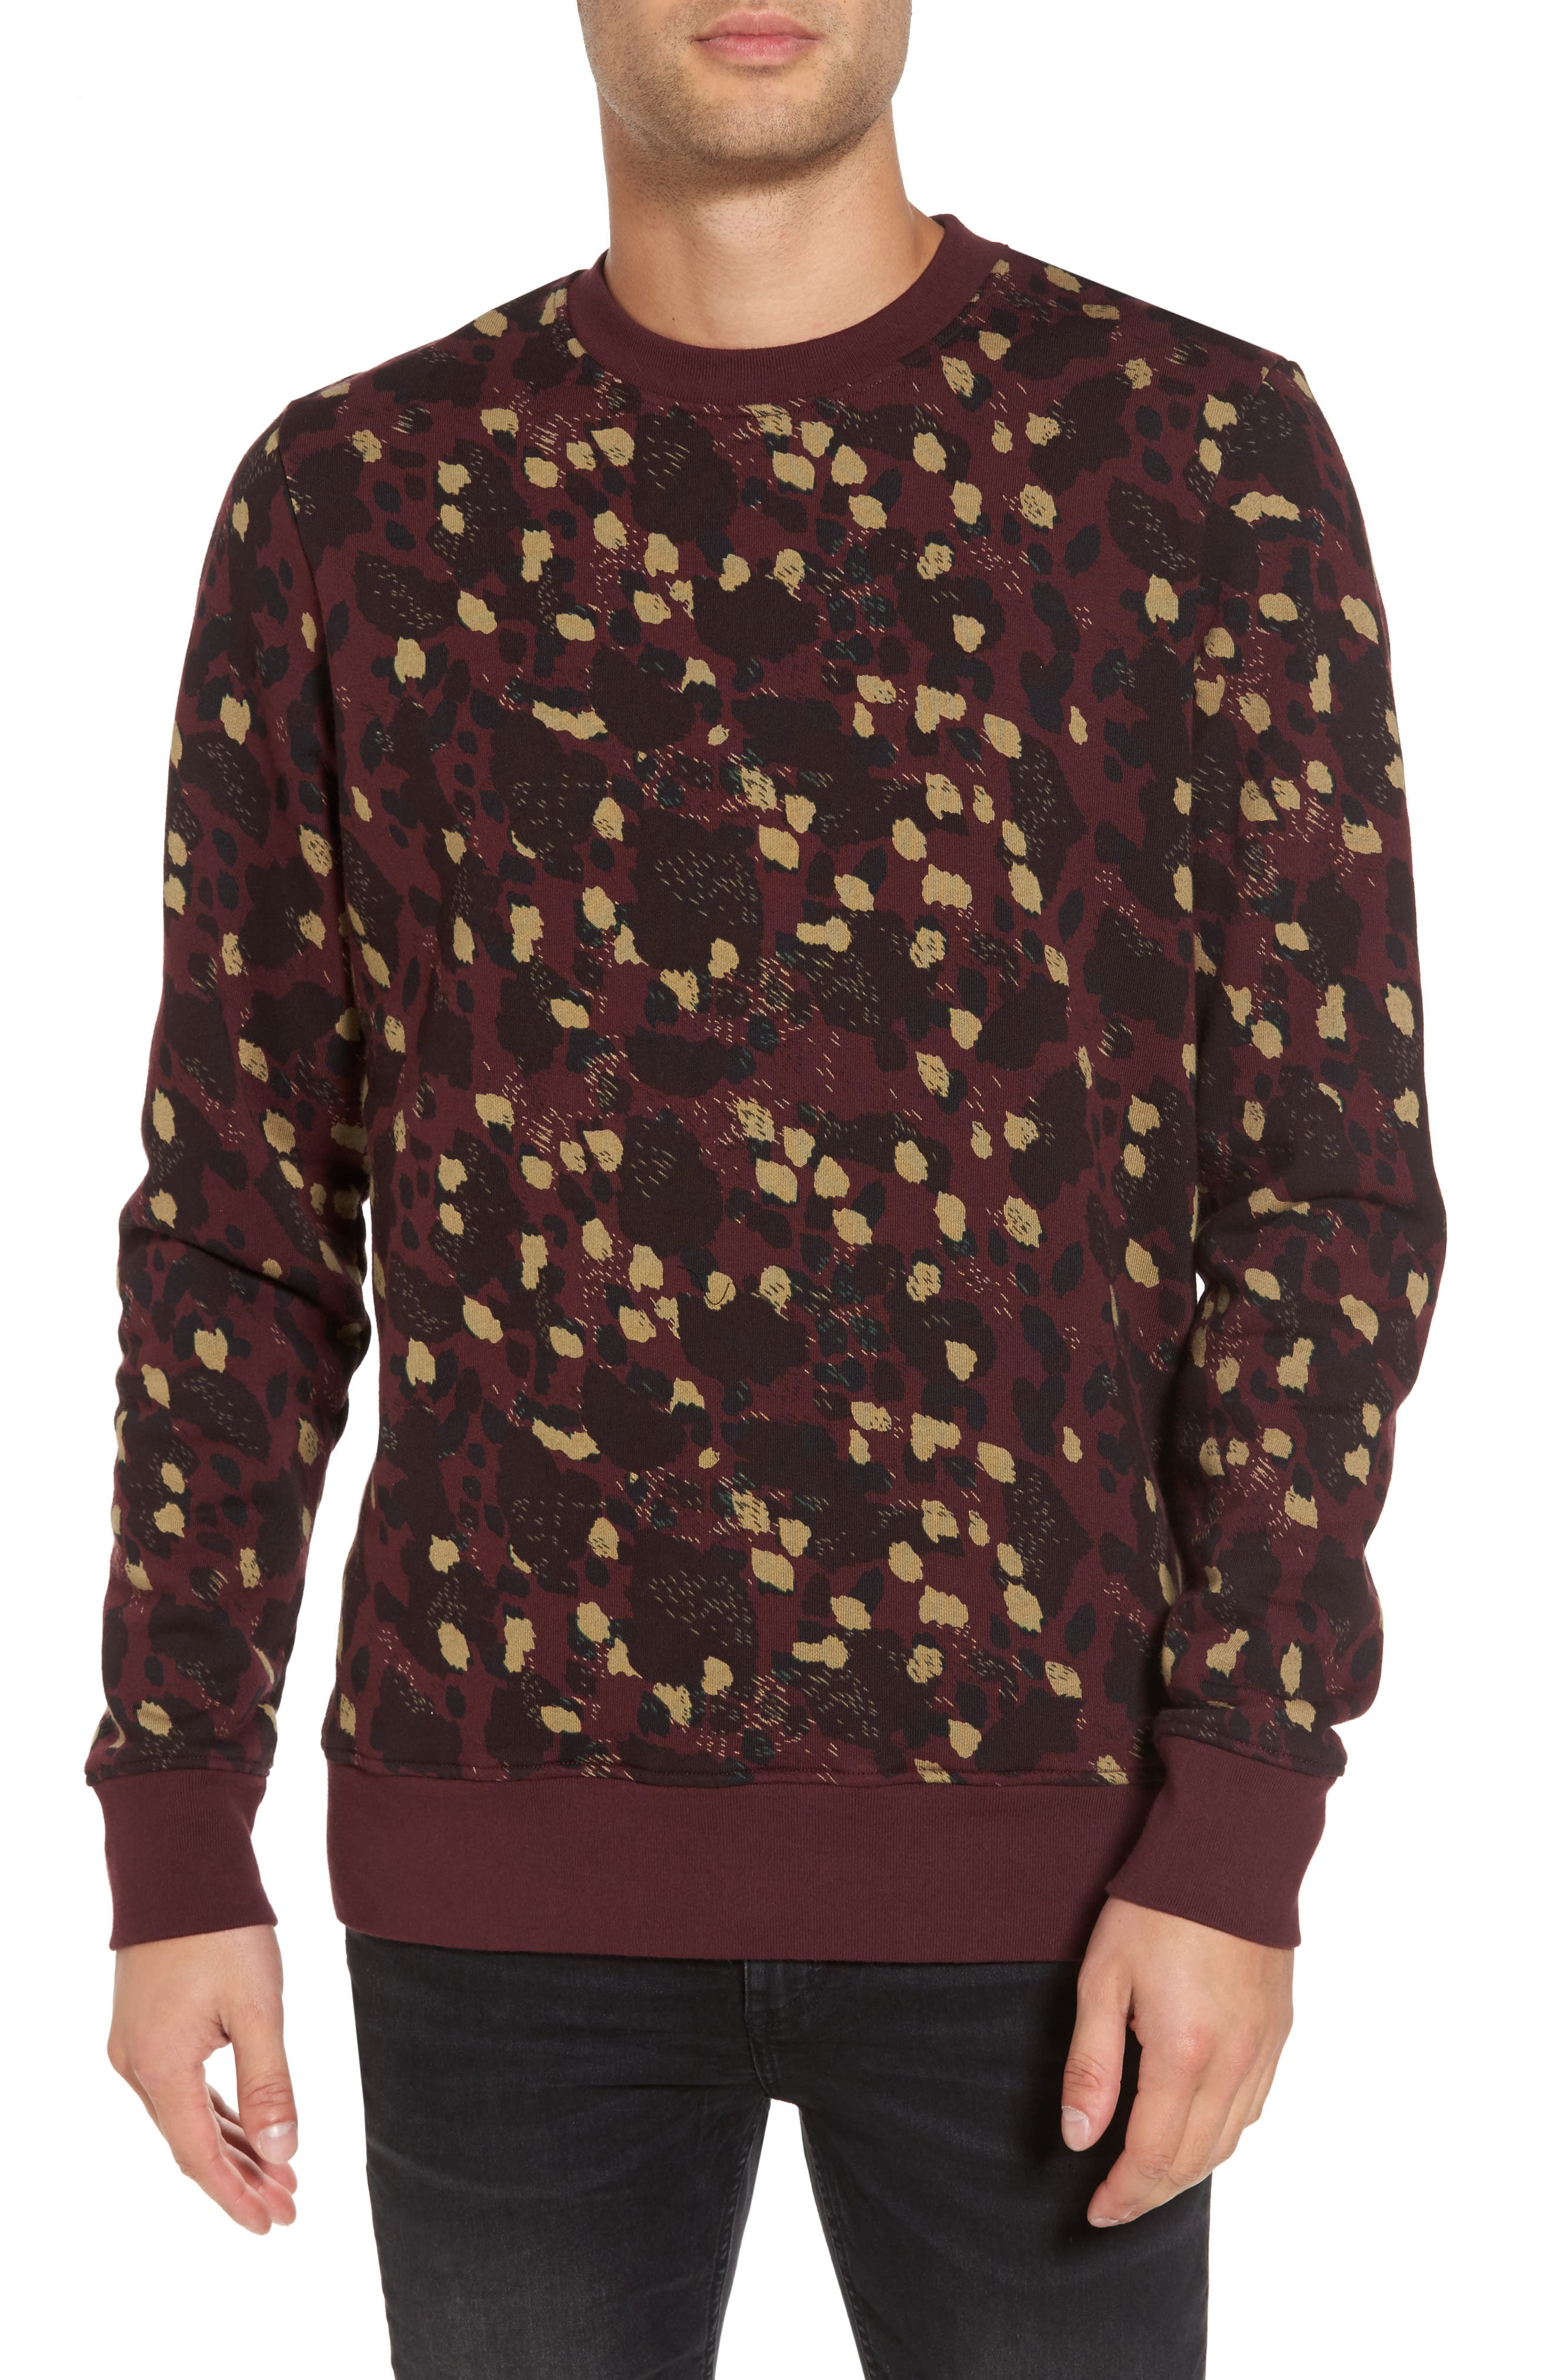 WeSC Jima Animal Print Sweatshirt